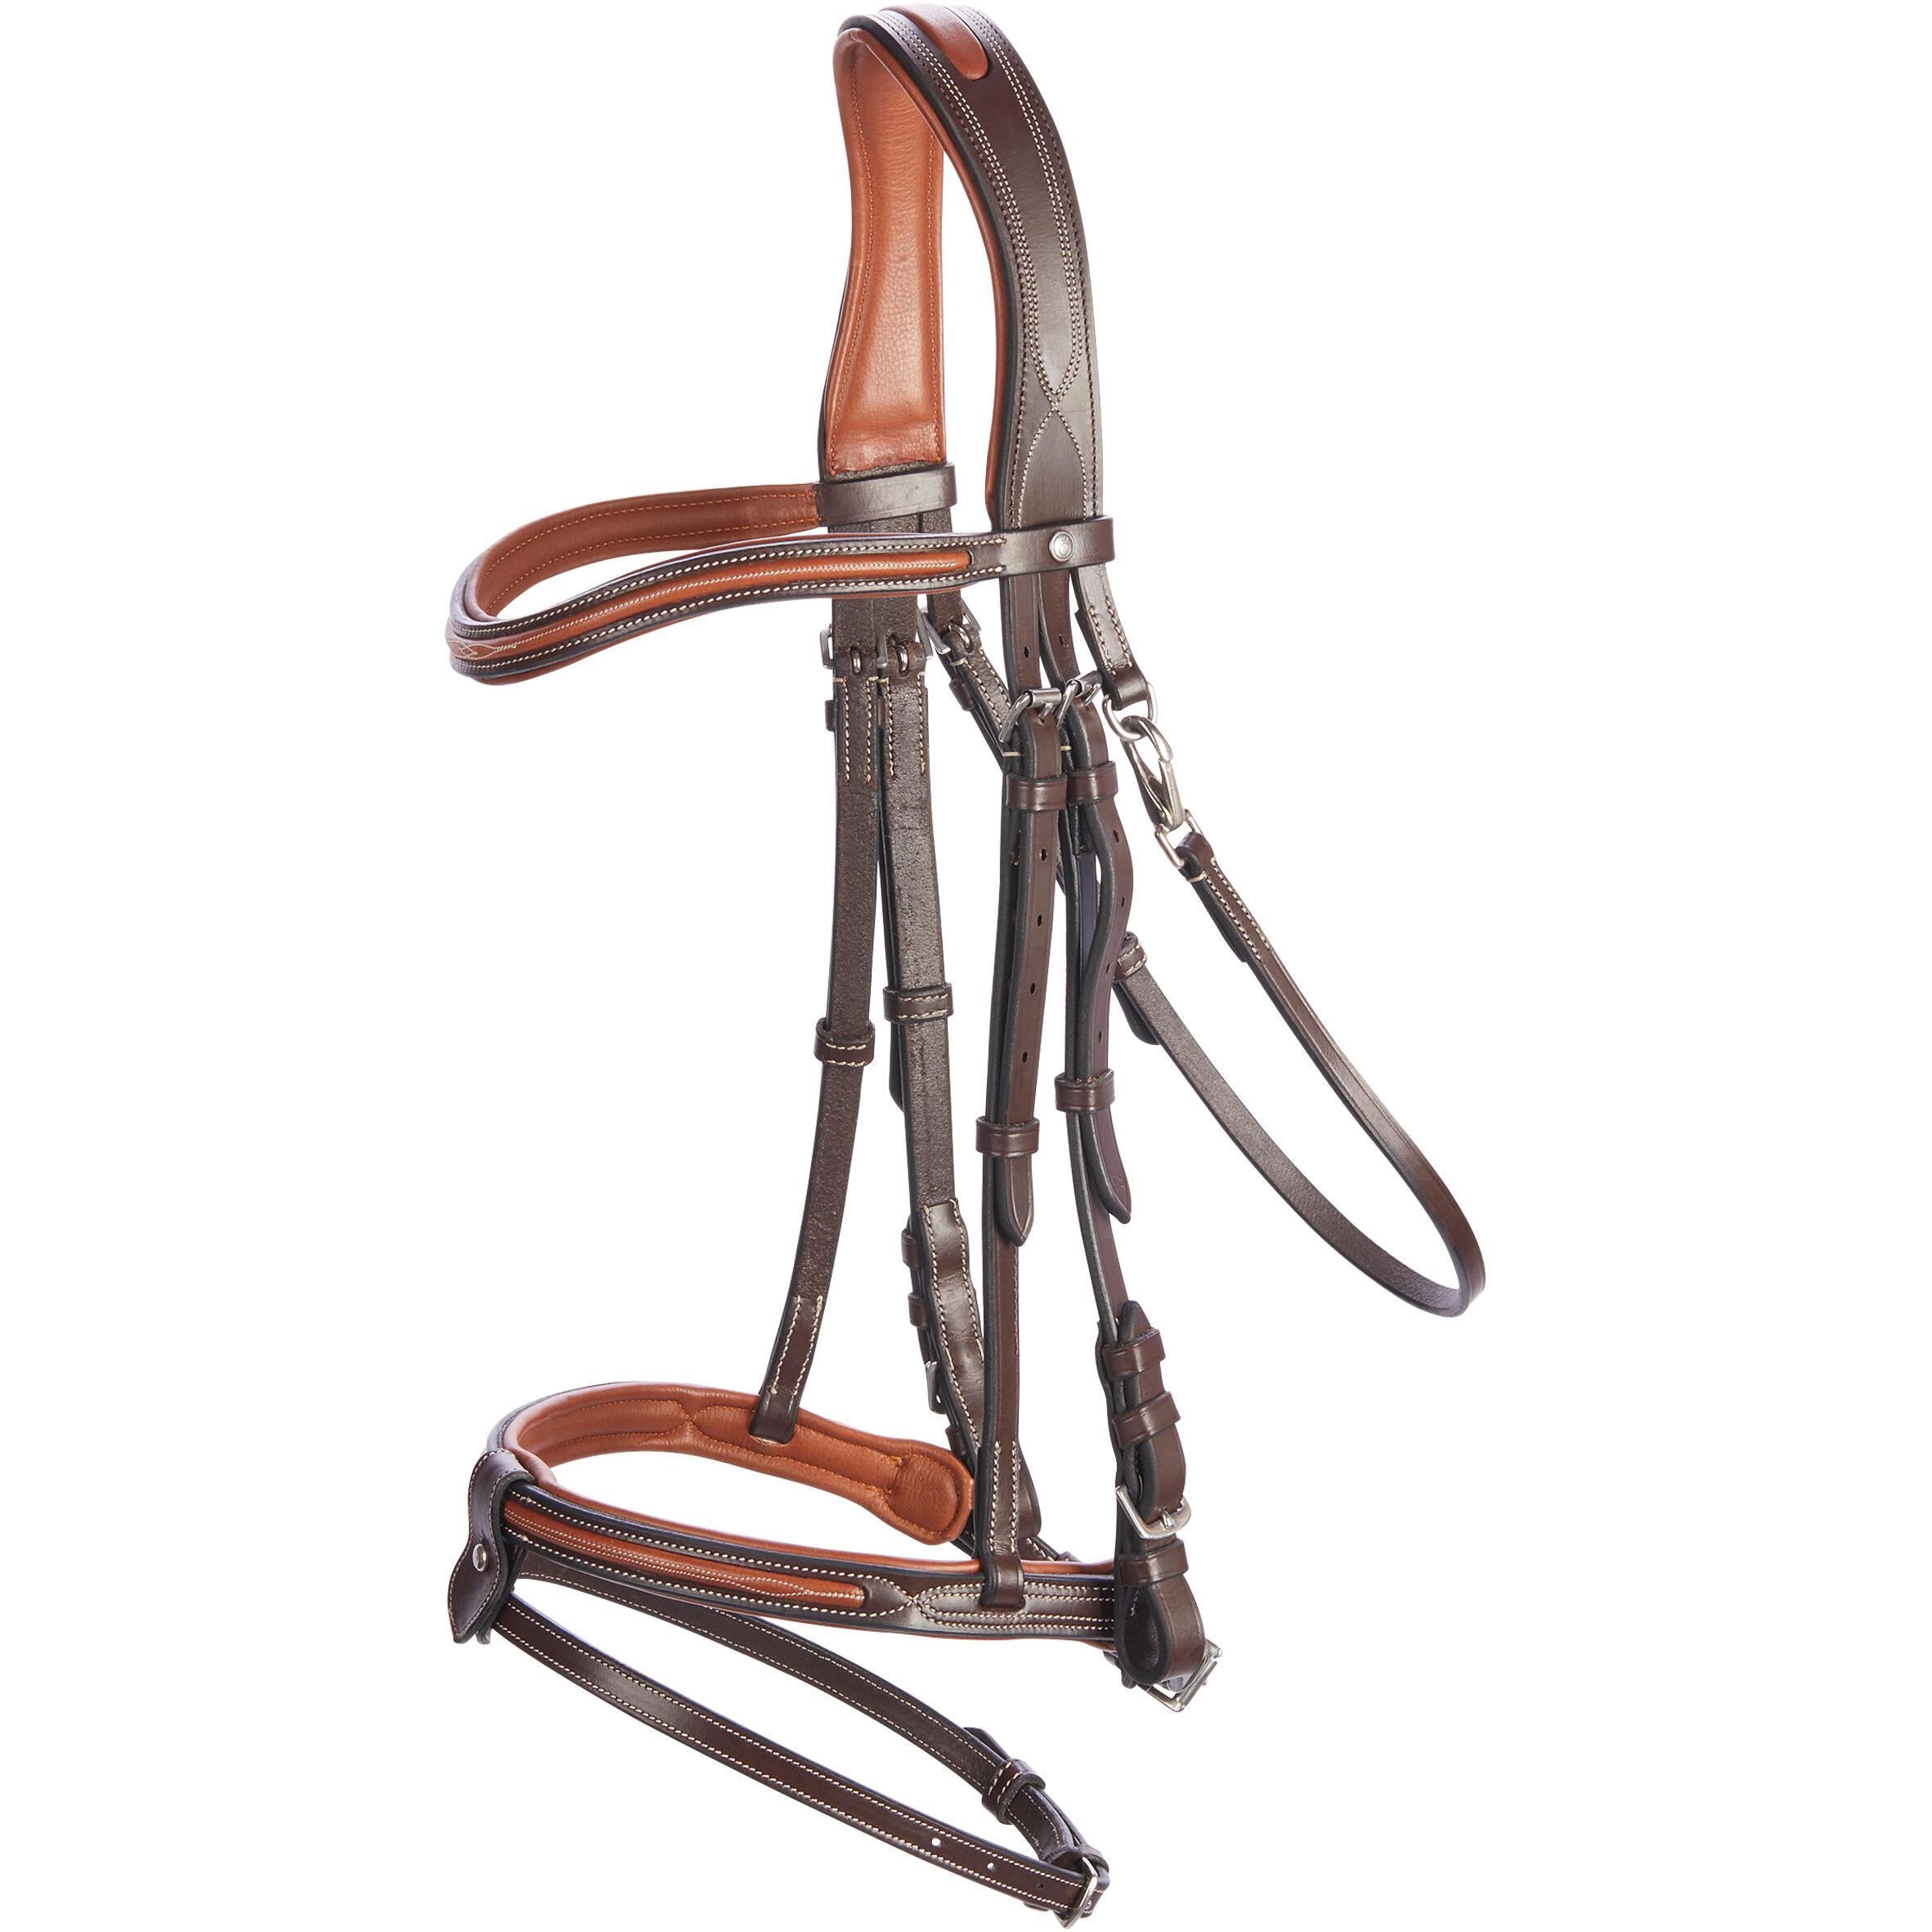 Fouganza Hoofdstel ruitersport 580 met sierstiksels bruin - maat paard